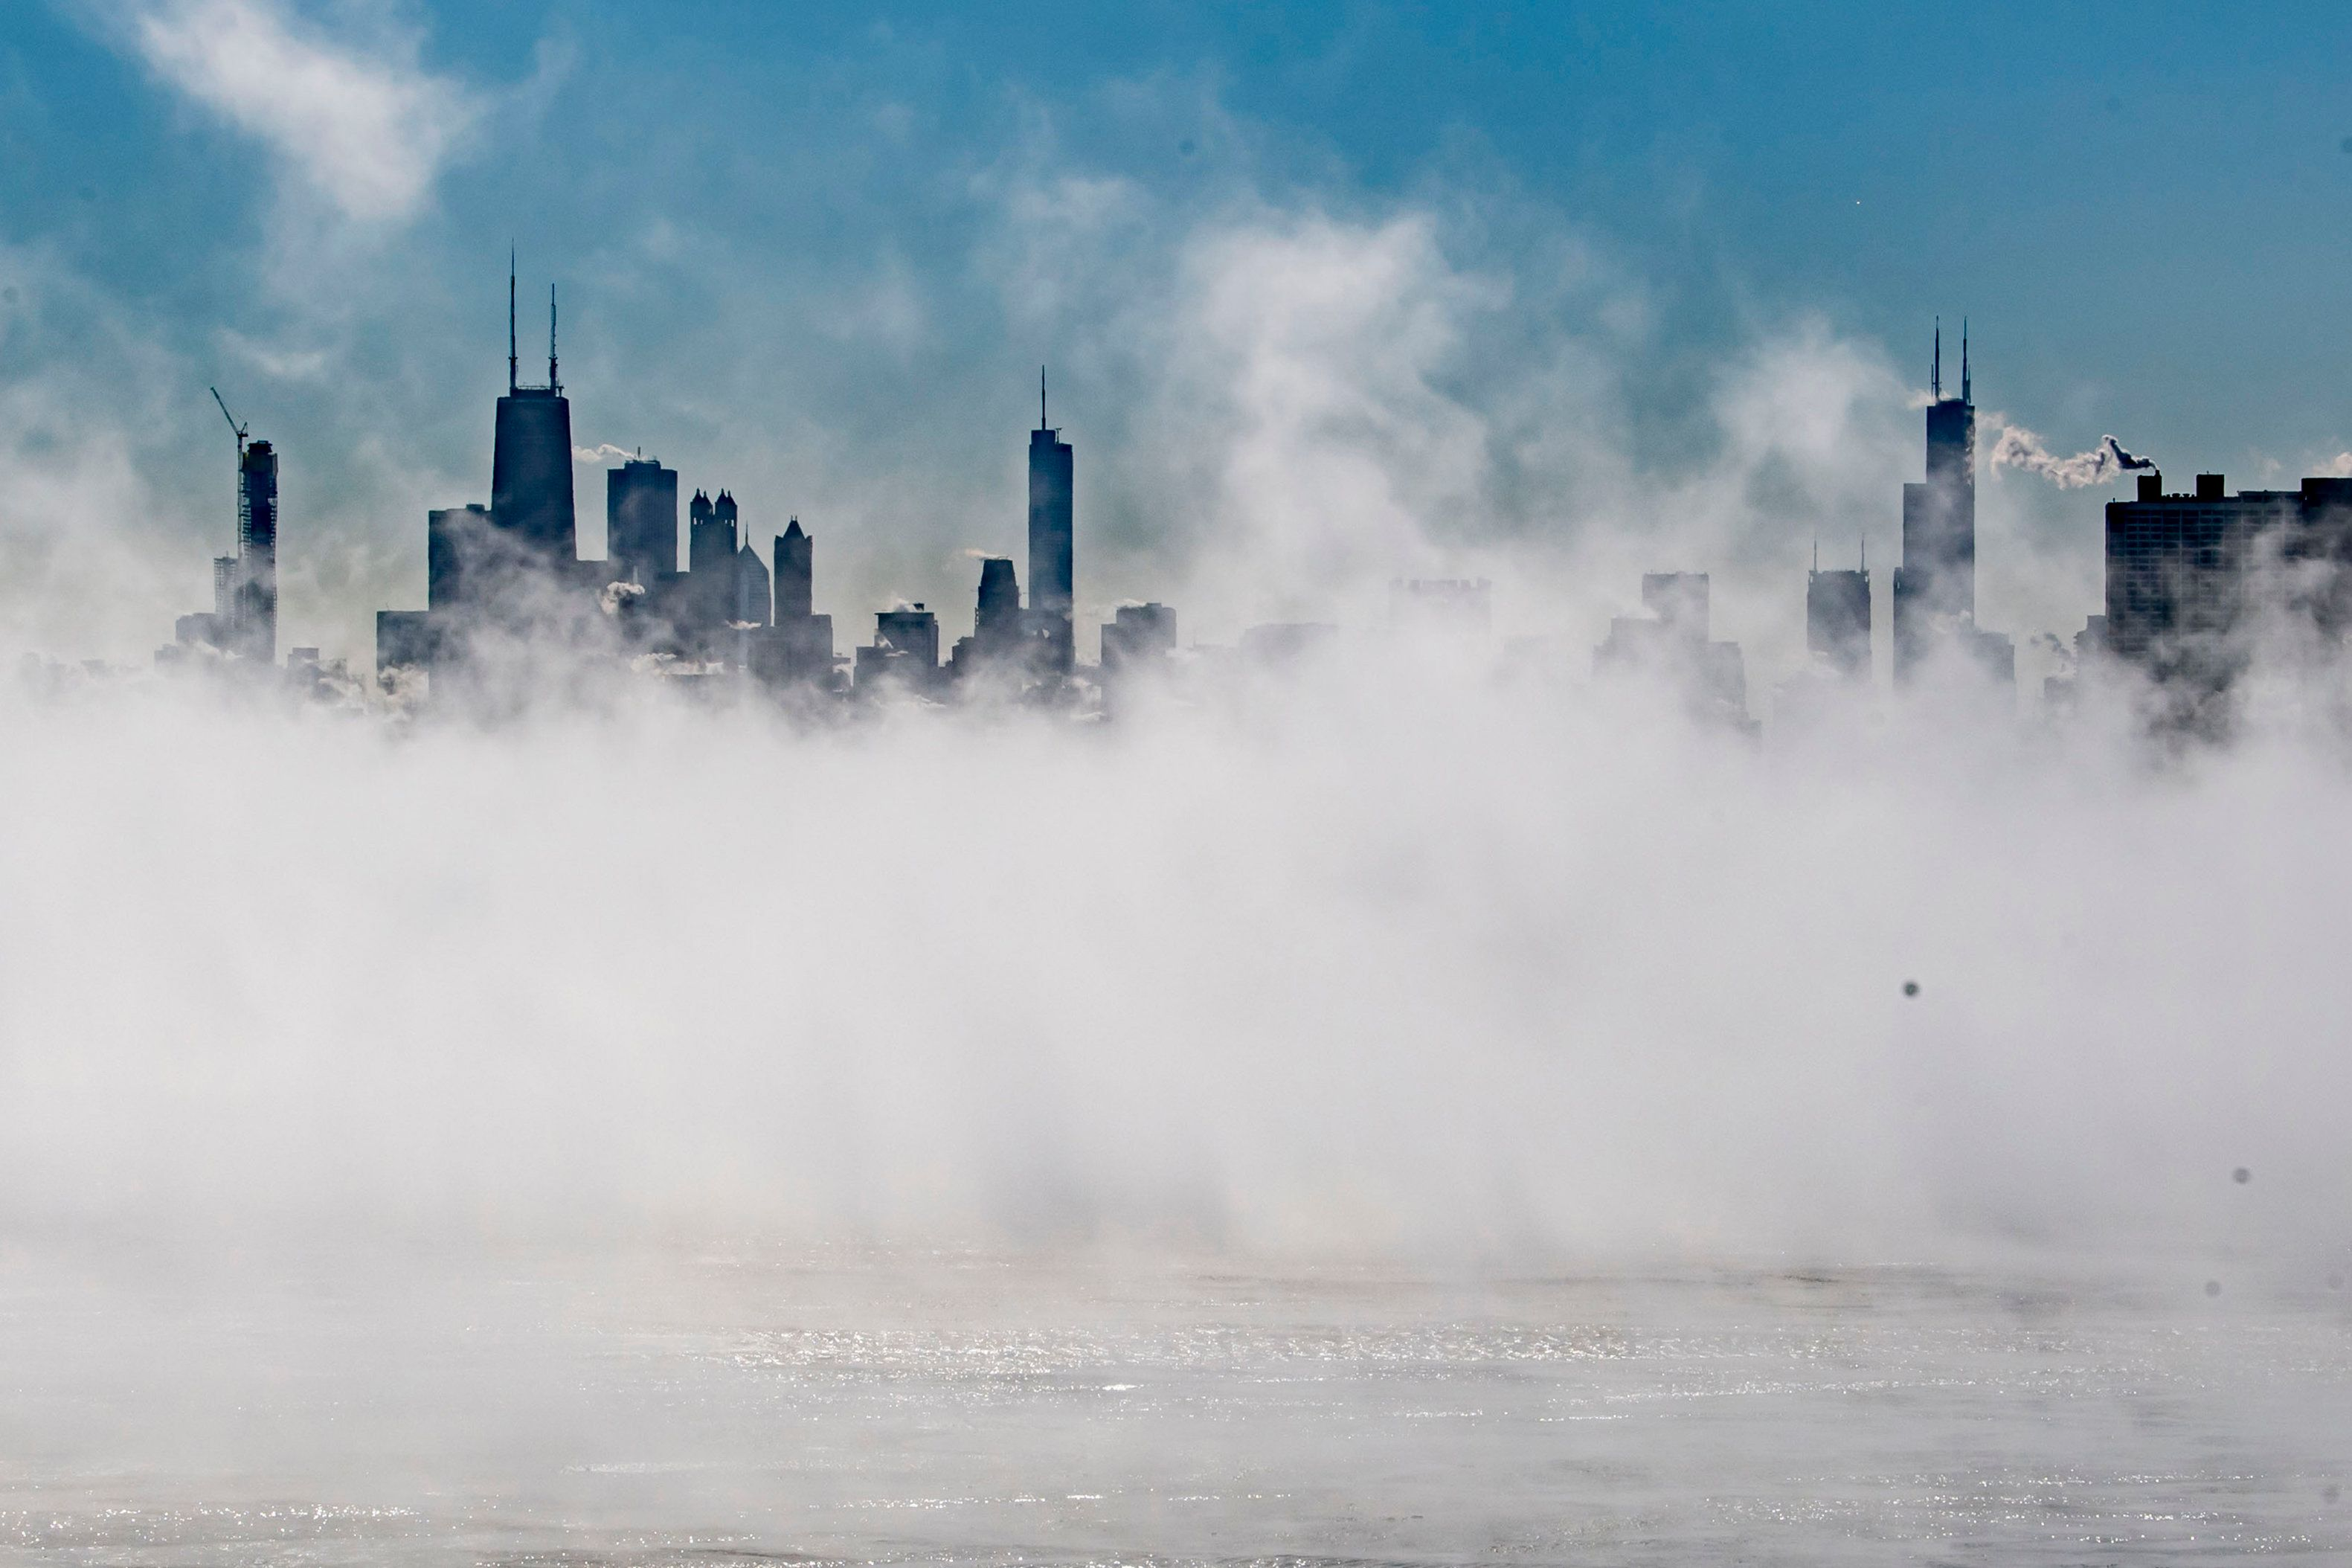 Σε βαθιά κατάψυξη οι ΗΠΑ εξαιτίας του Polar Vortex - Πόλεις χάνονται κάτω από το